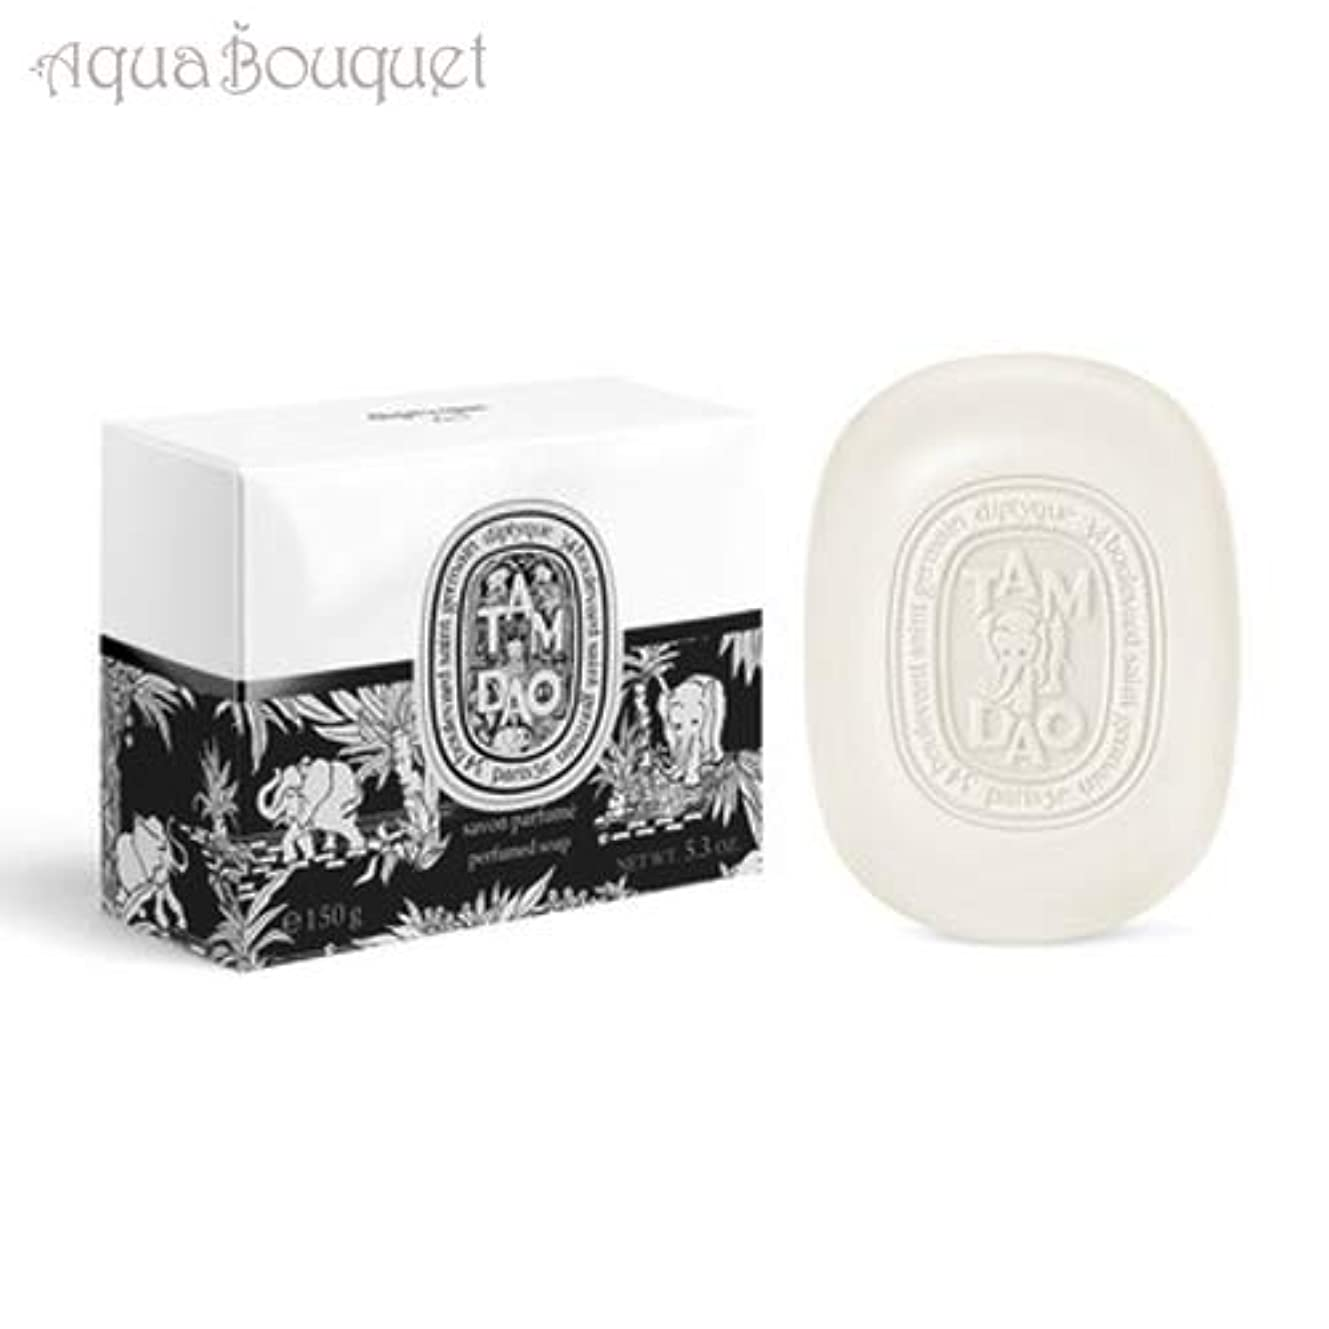 髄ジェスチャー優先ディプティック タムダオ ソープ 150g DIPTYQUE TAMDAO PERFUMED SOAP [8289] [並行輸入品]